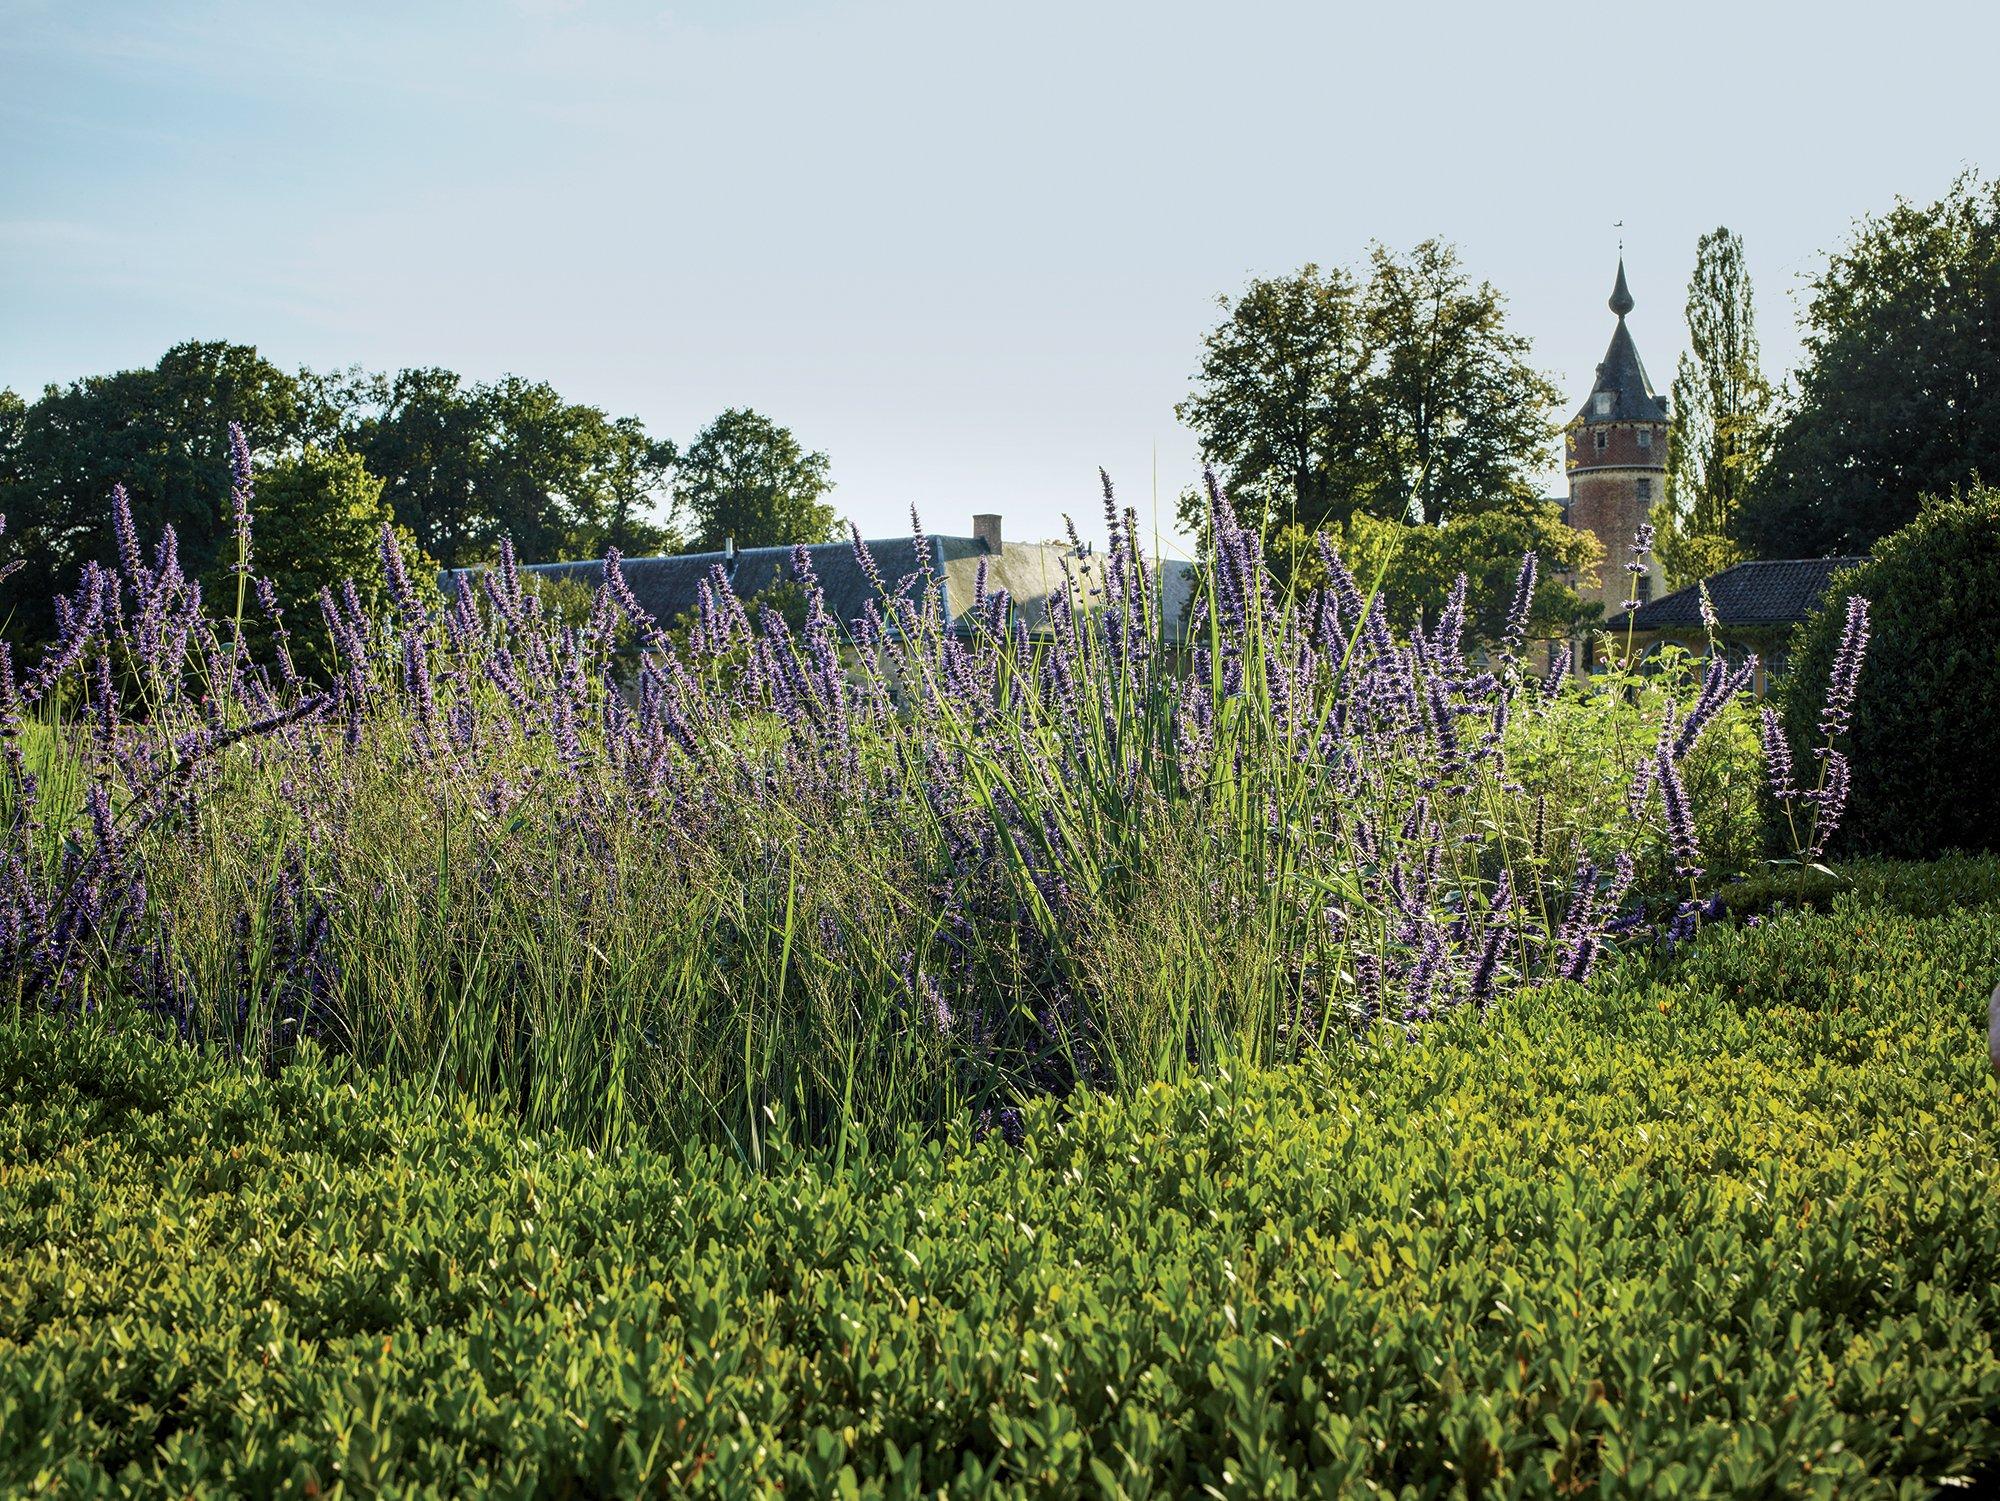 interior-designer-axel-vervoordt-belgian-castle-9.jpg